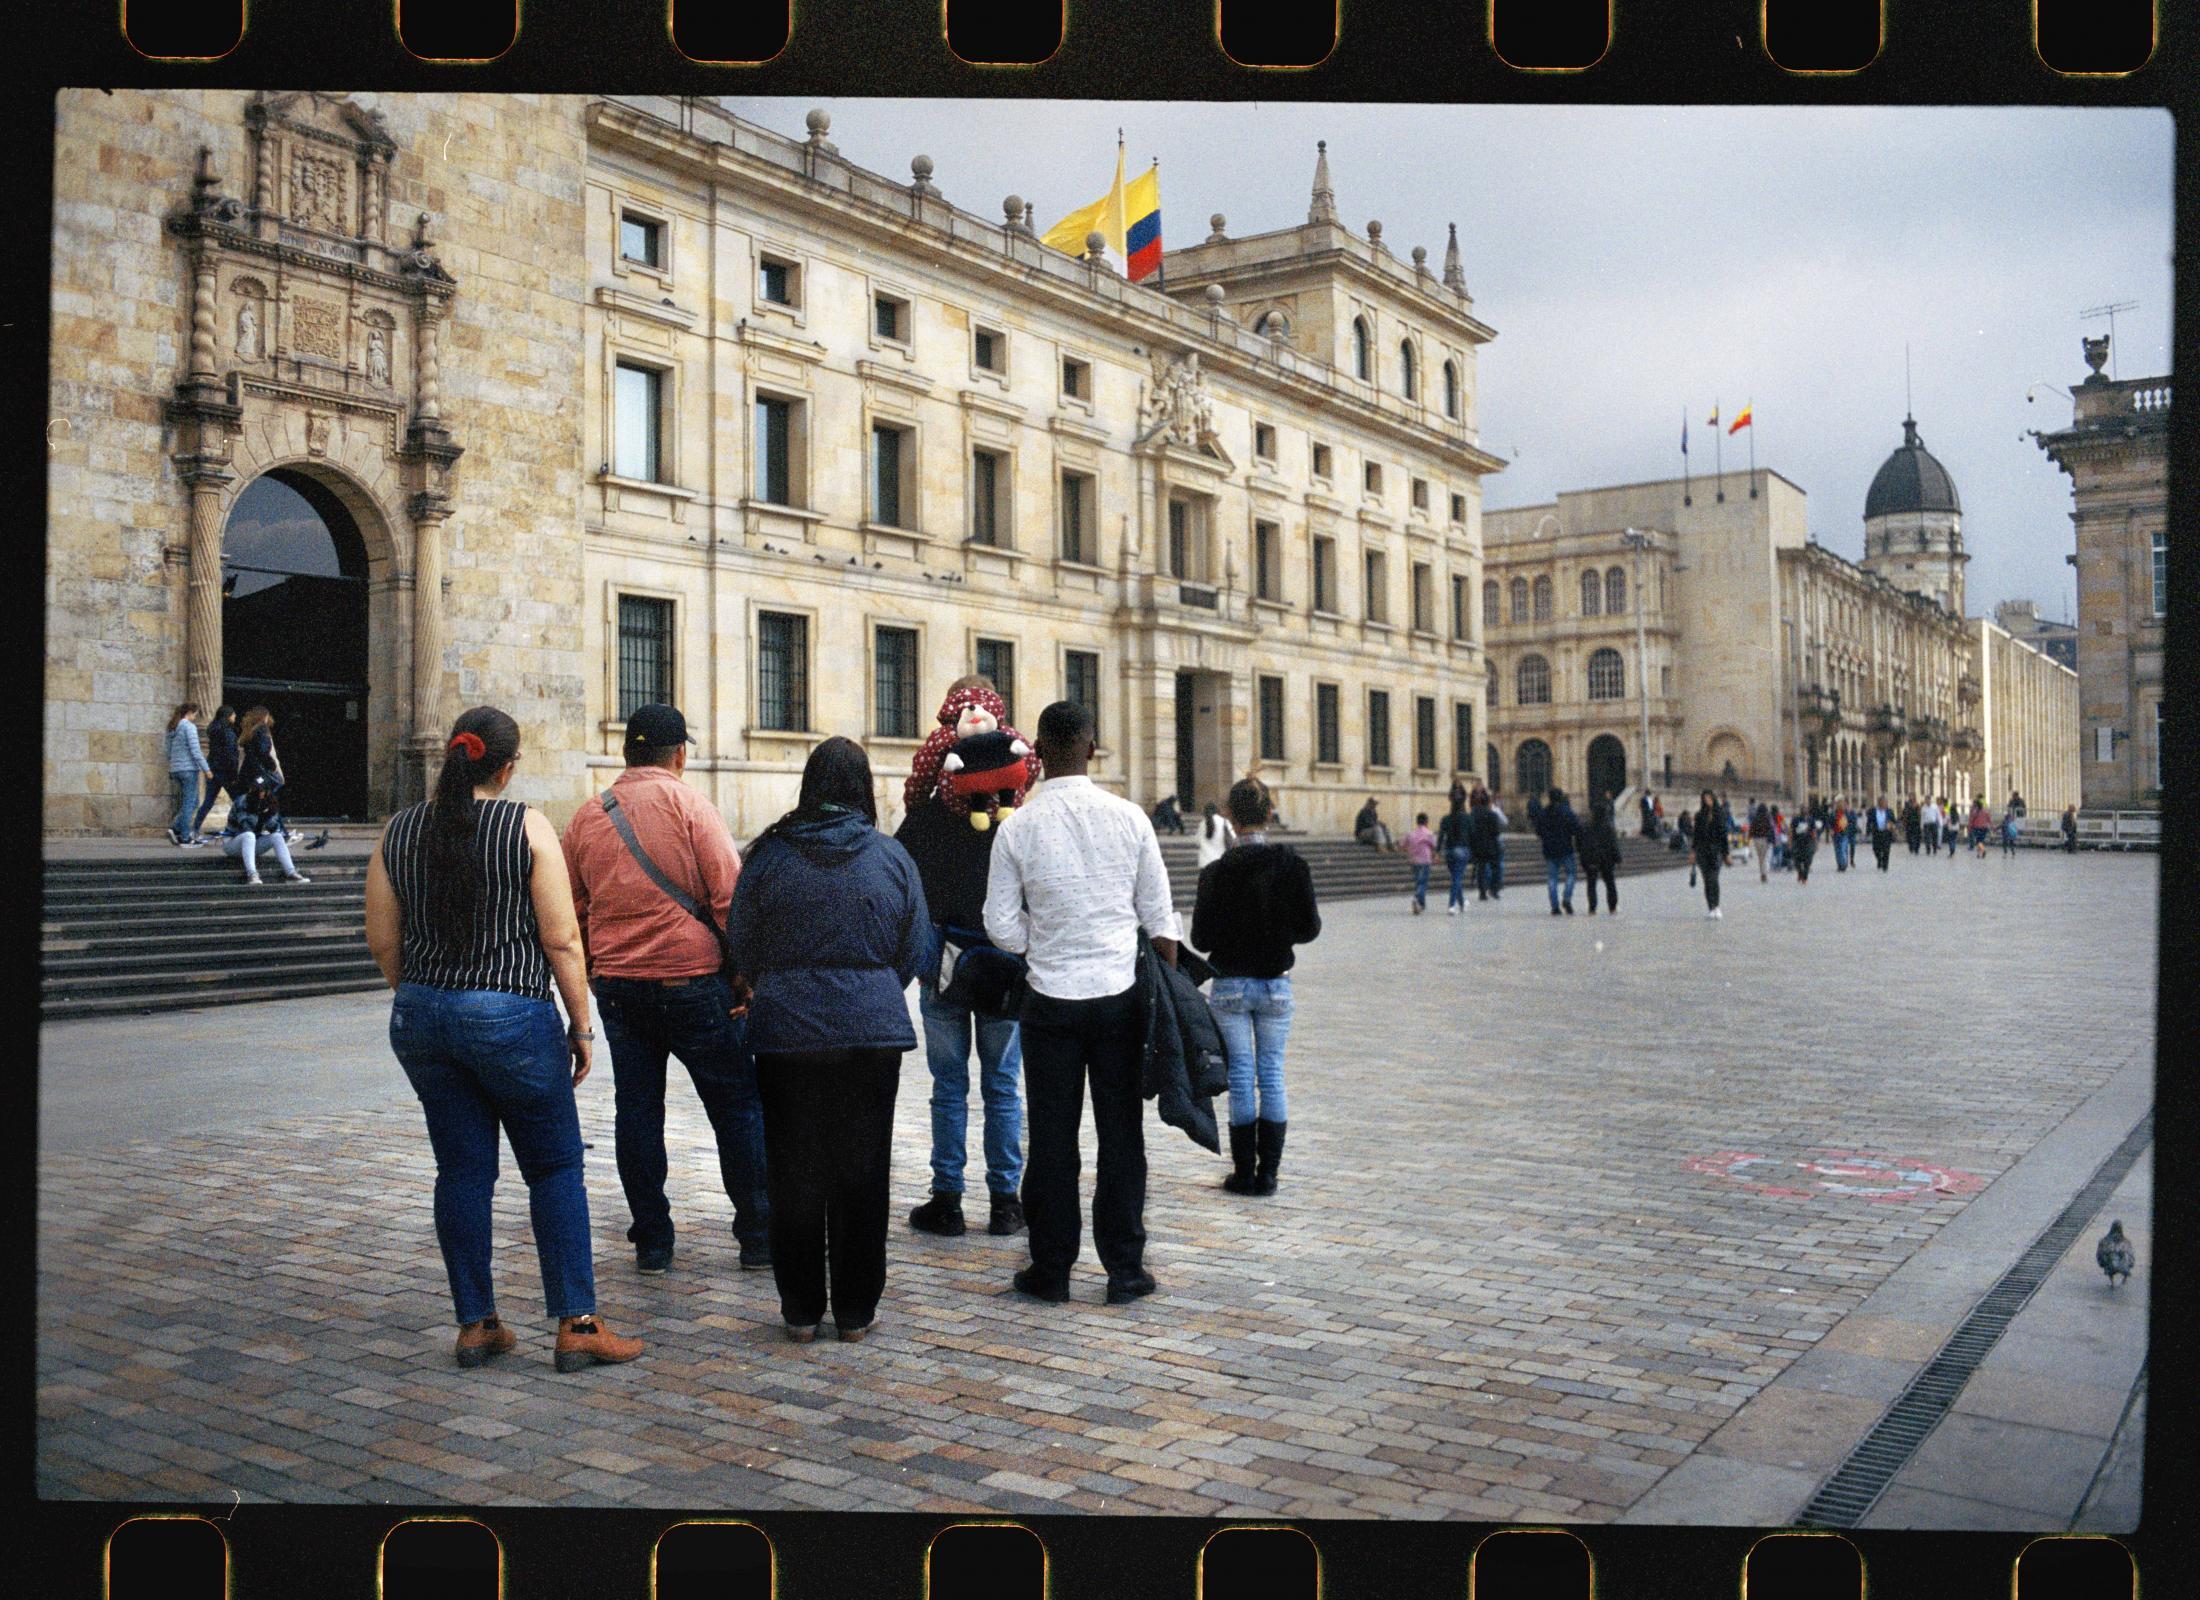 Un grupo de líderes sociales que llegaron desplazados a Bogotá de los departamentos de Bolívar, Córdoba, Huila, Santander, Valle del Cauca y Nariño posan con sus familias para un retrato en la Plaza de Bolívar. Todos ellos manifiestan que huir a la capital es un arma de doble filo, es un mecanismo de auto protección que les permite escapar del peligro pero a su vez significa el descuido si no la renuncia de su liderazgo.